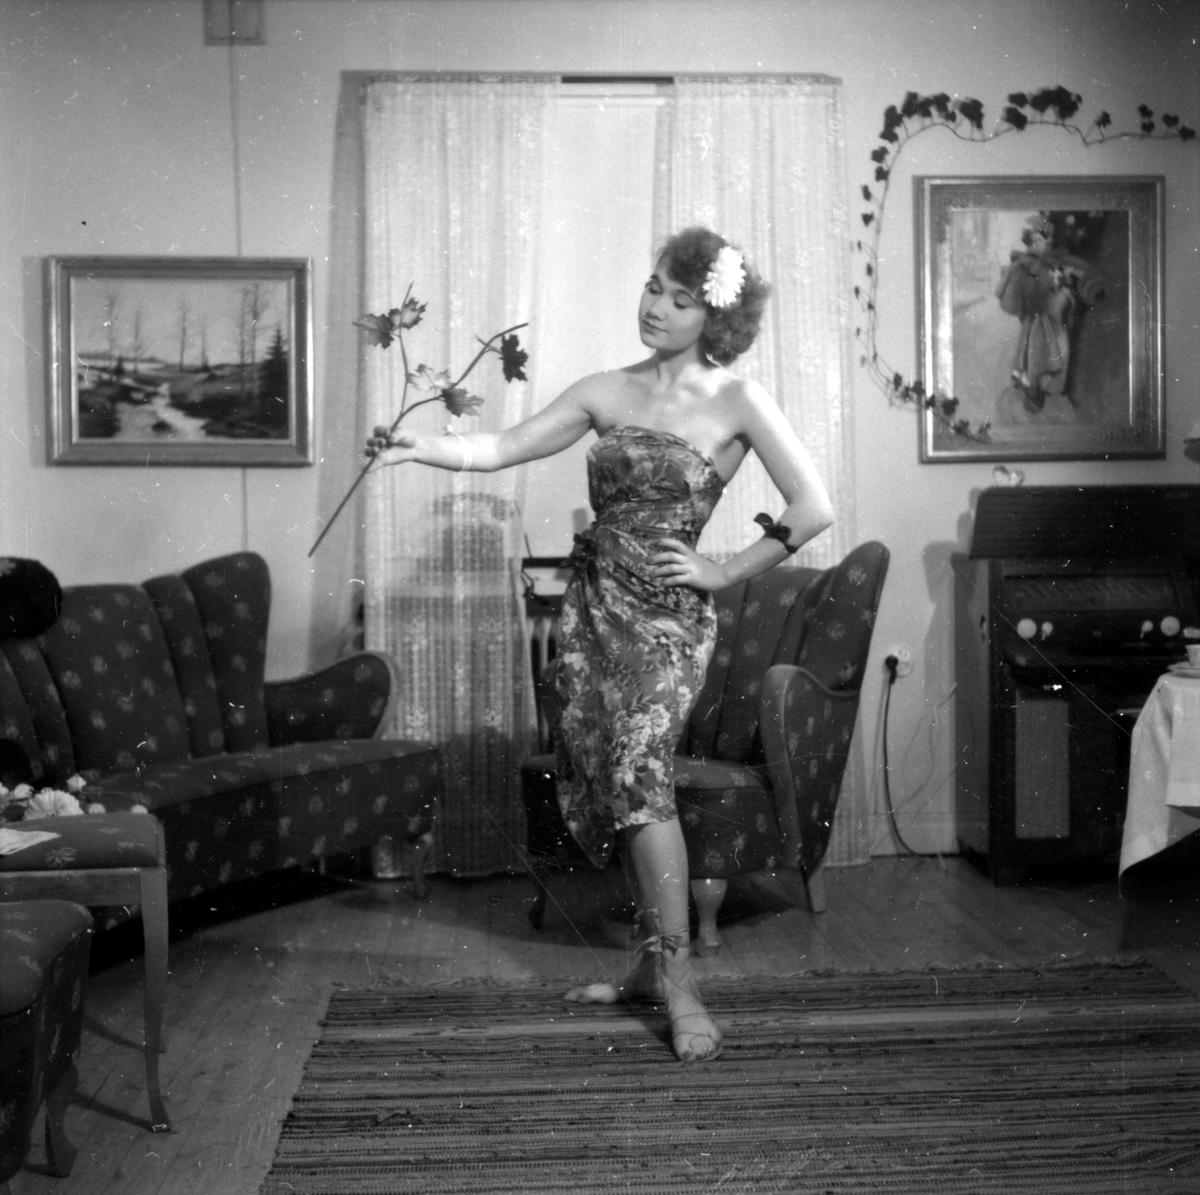 Porträtt av en ung festklädd kvinna på 1950-talet.